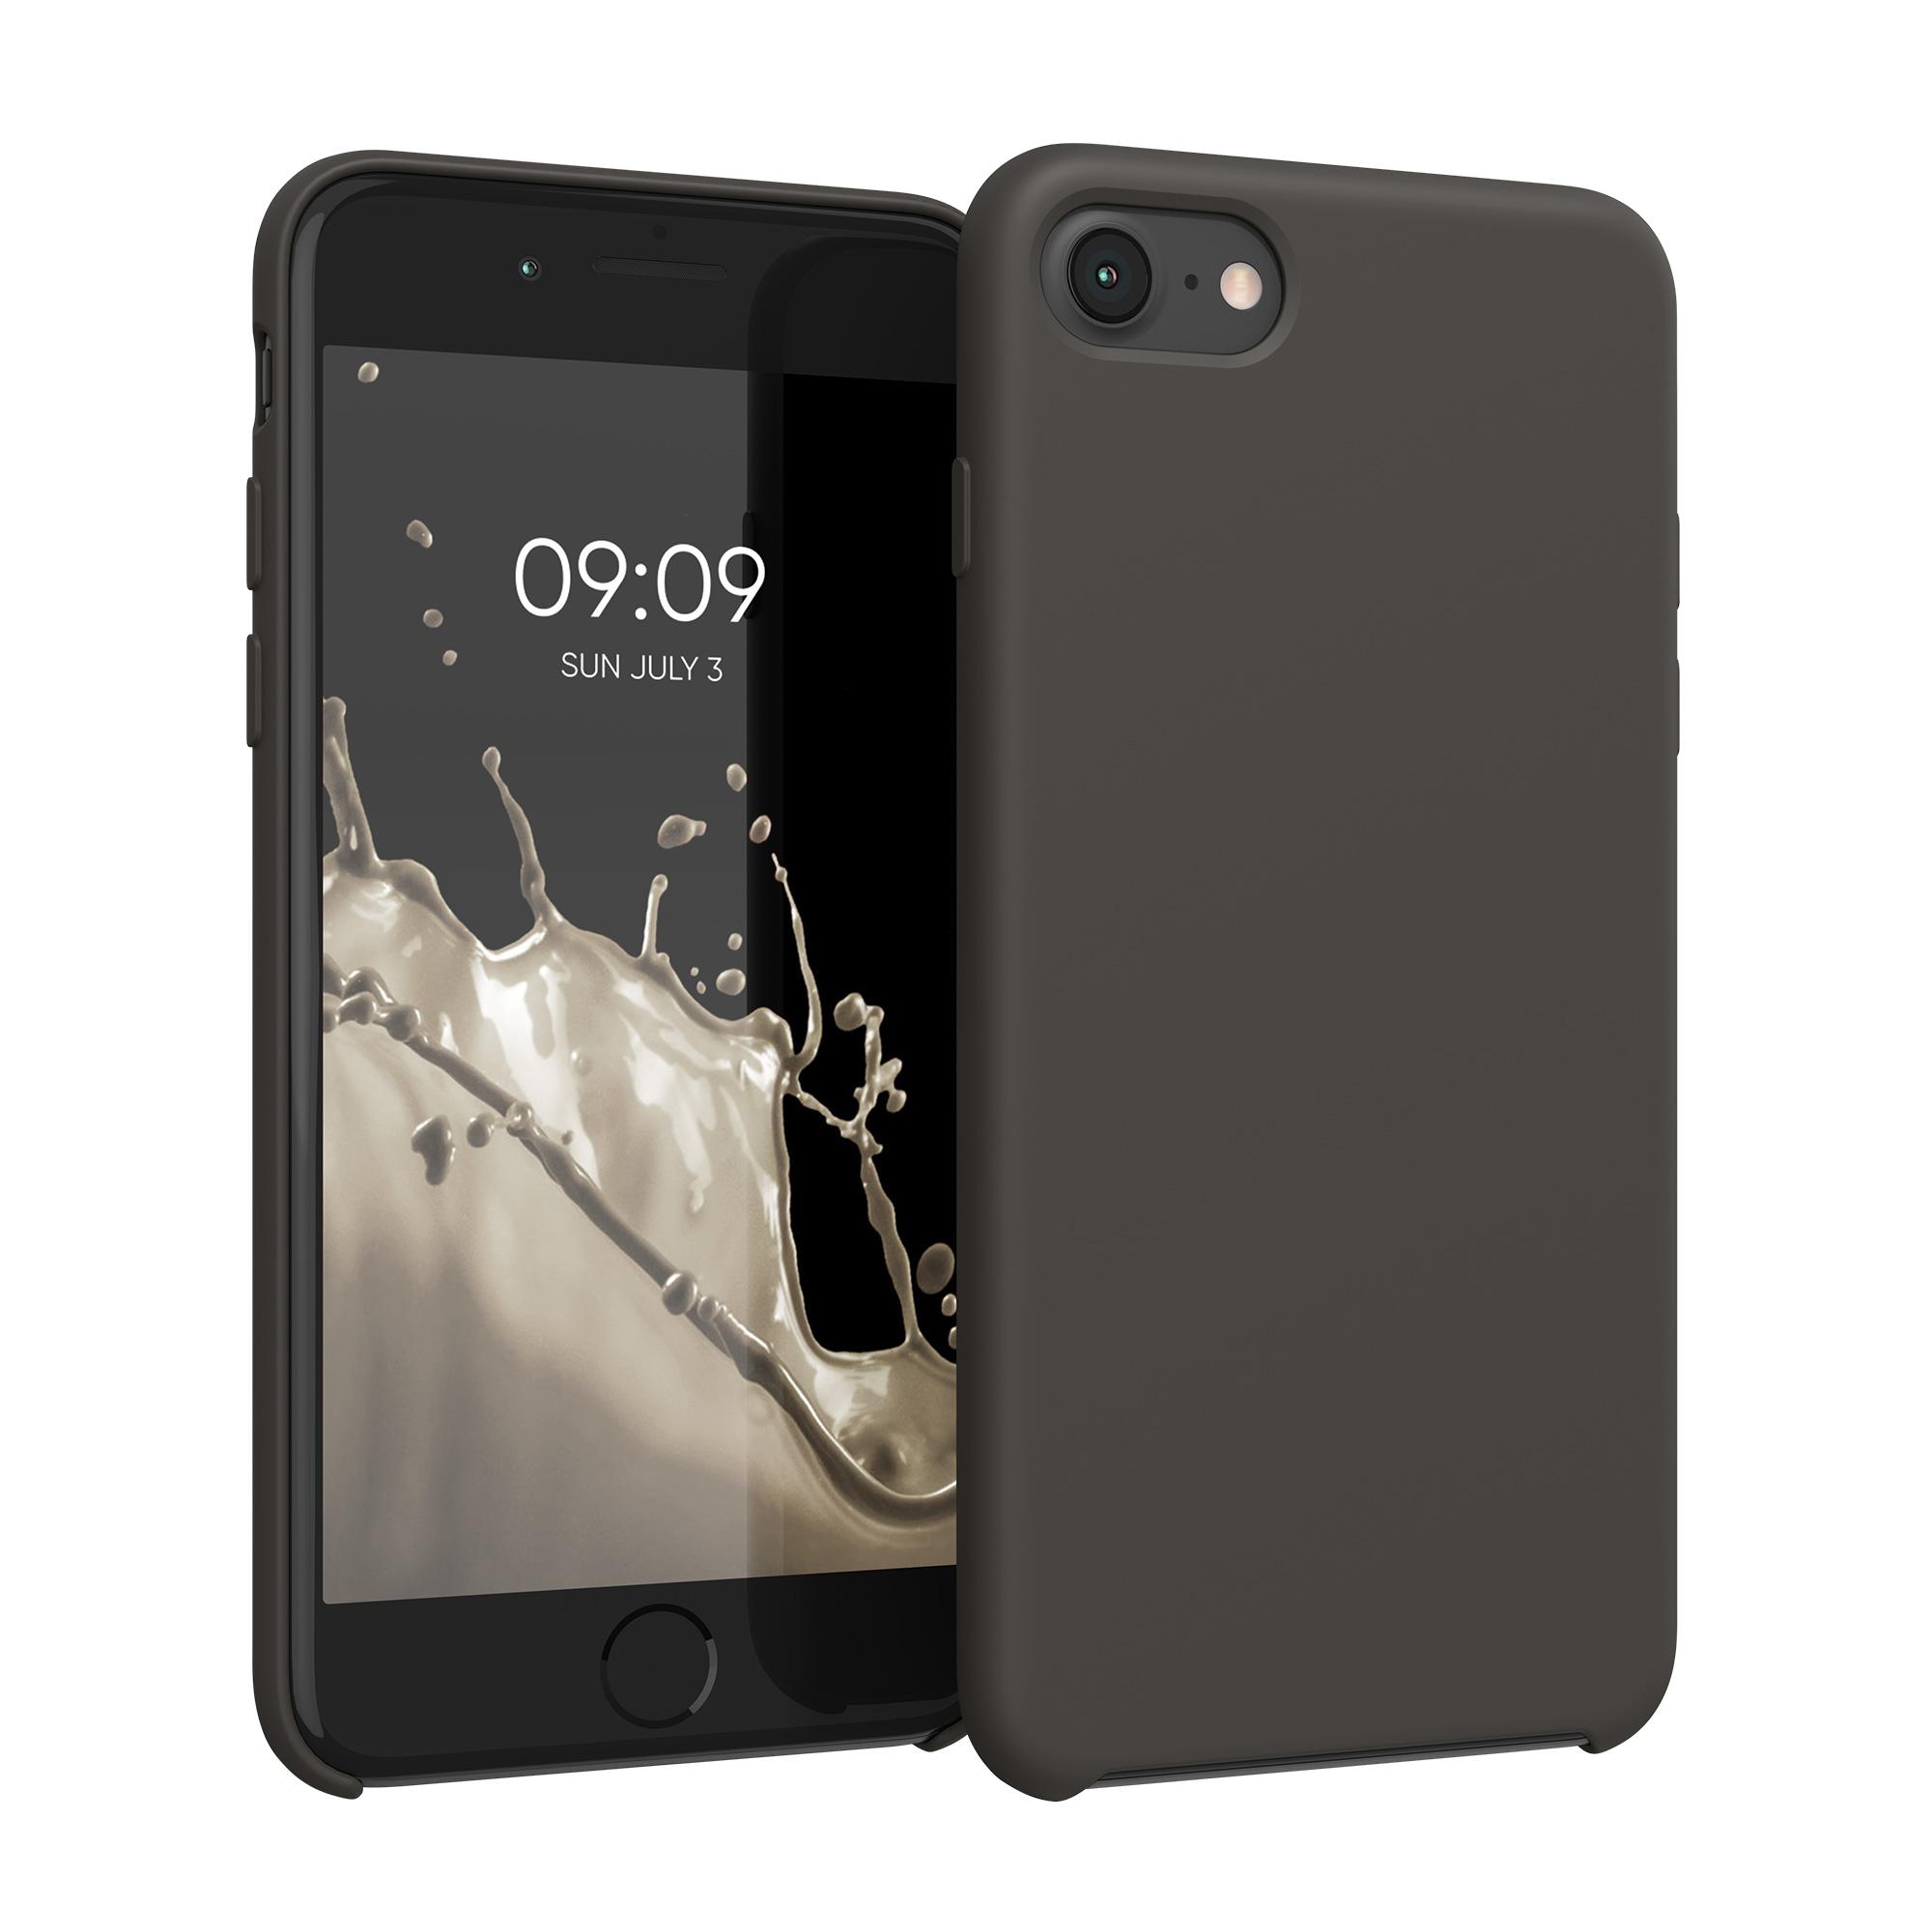 Kvalitní silikonové TPU pouzdro pro Apple iPhone 7 / 8 / SE  - Olive Green Matte